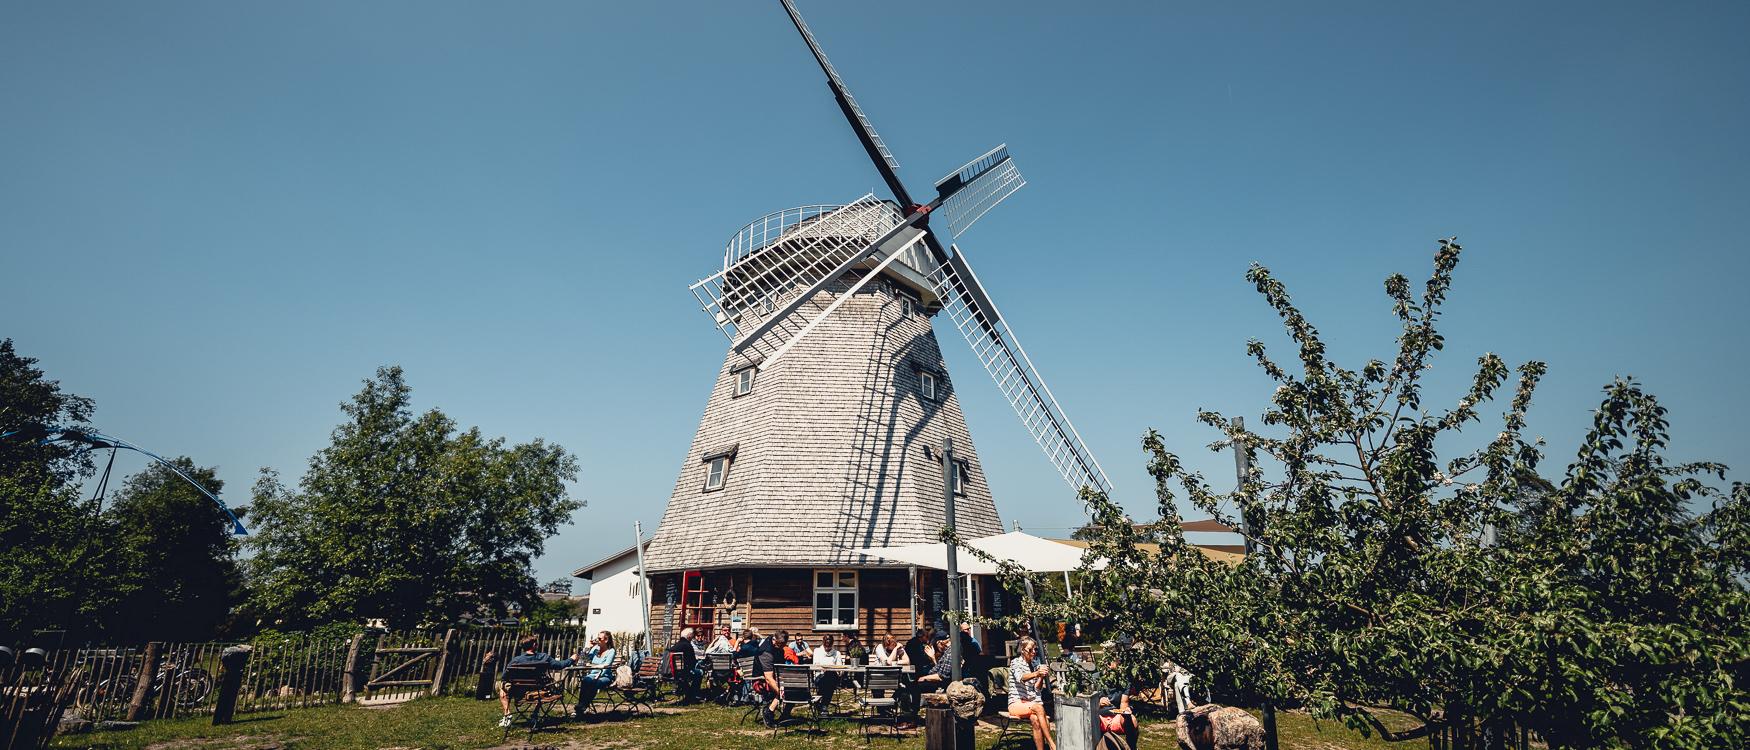 Mühle Ahrenshoop Fischland-Darß-Zingst